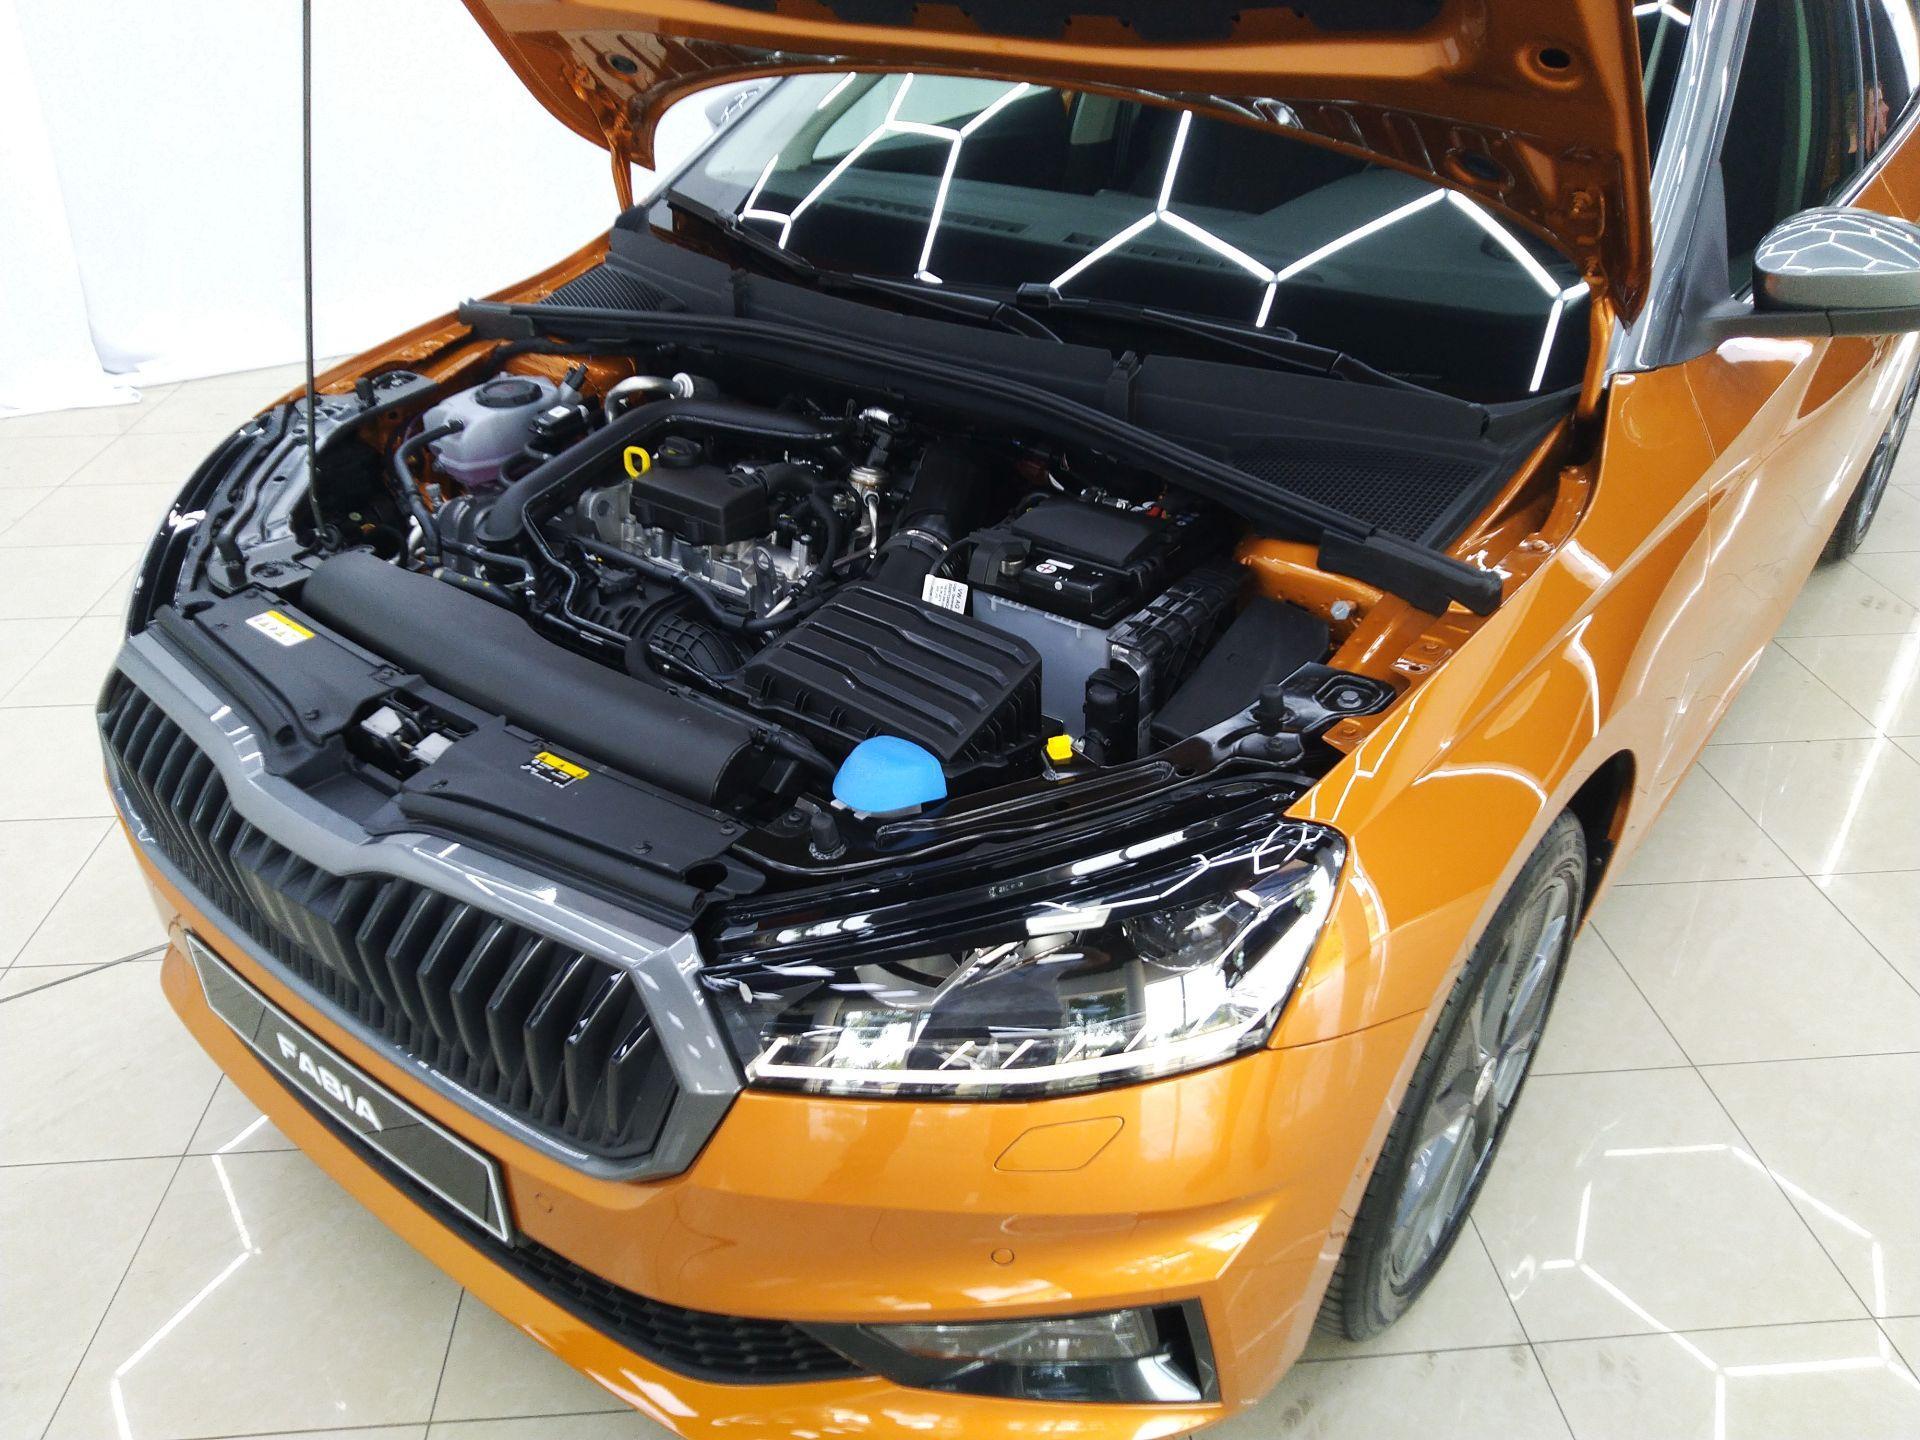 Škoda Fabia má motory so širokým rozsahom výkonov